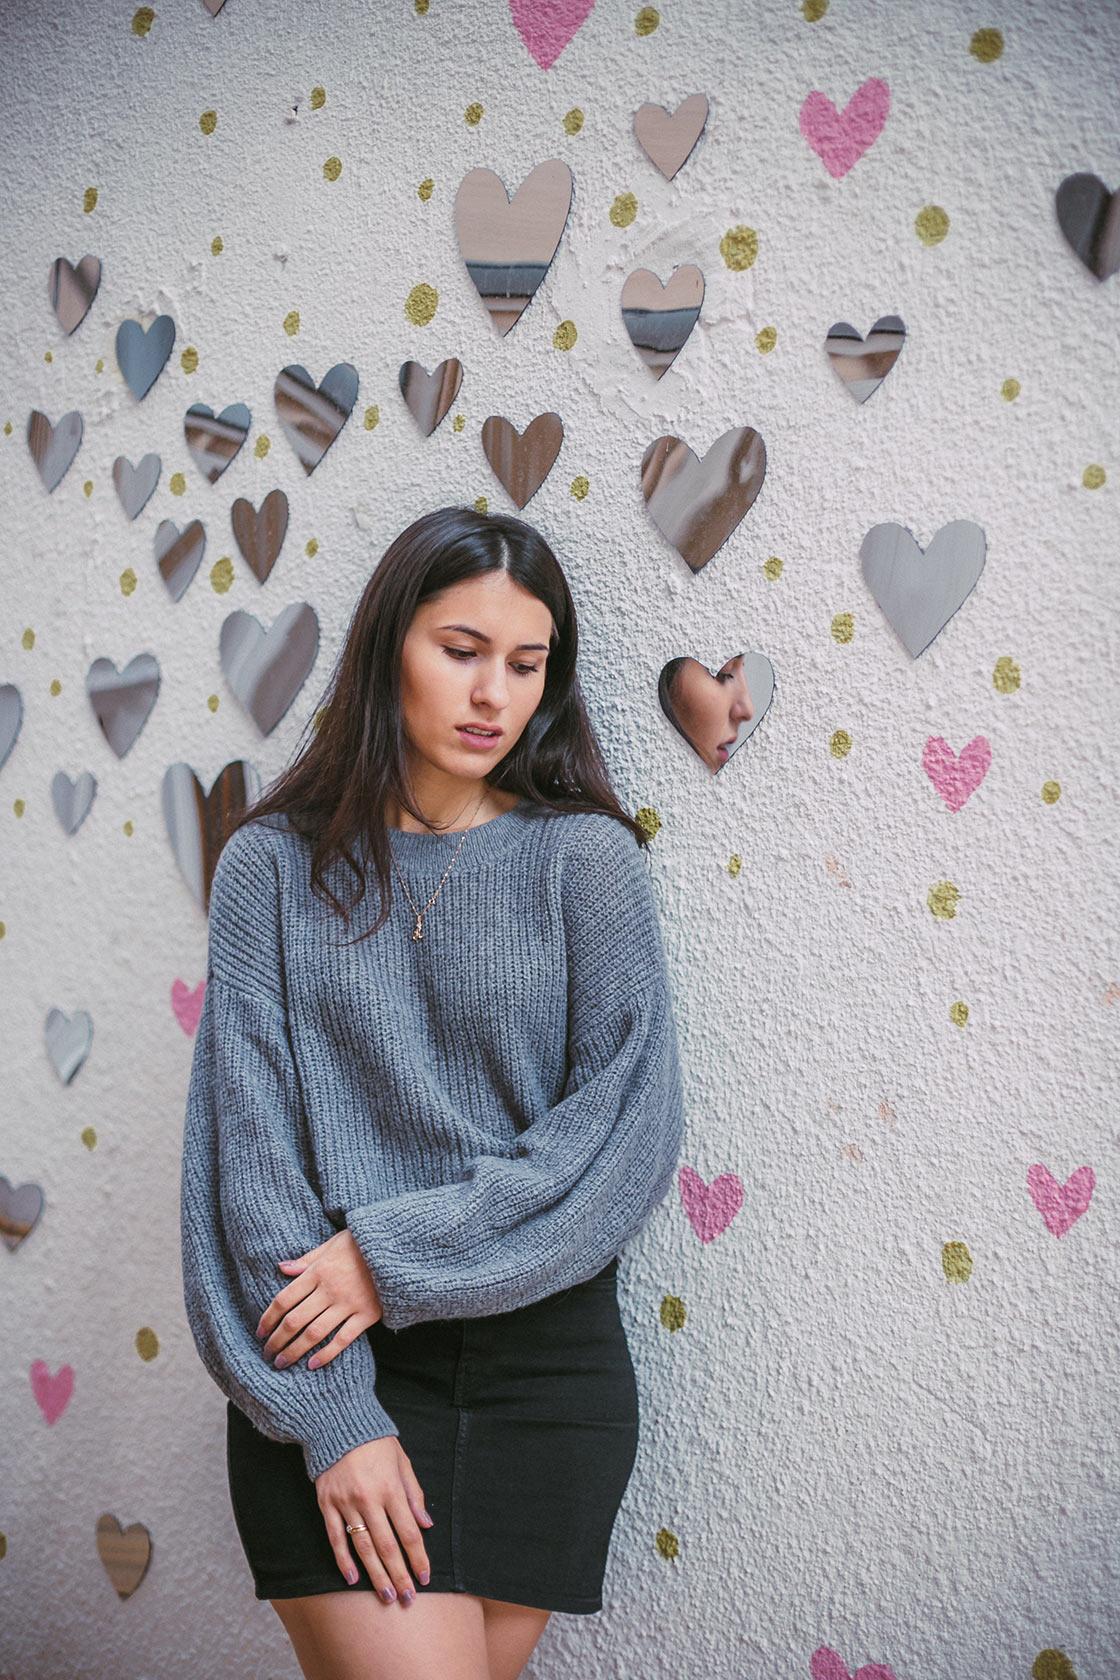 Девушка на фоне зеркал в форме сердец